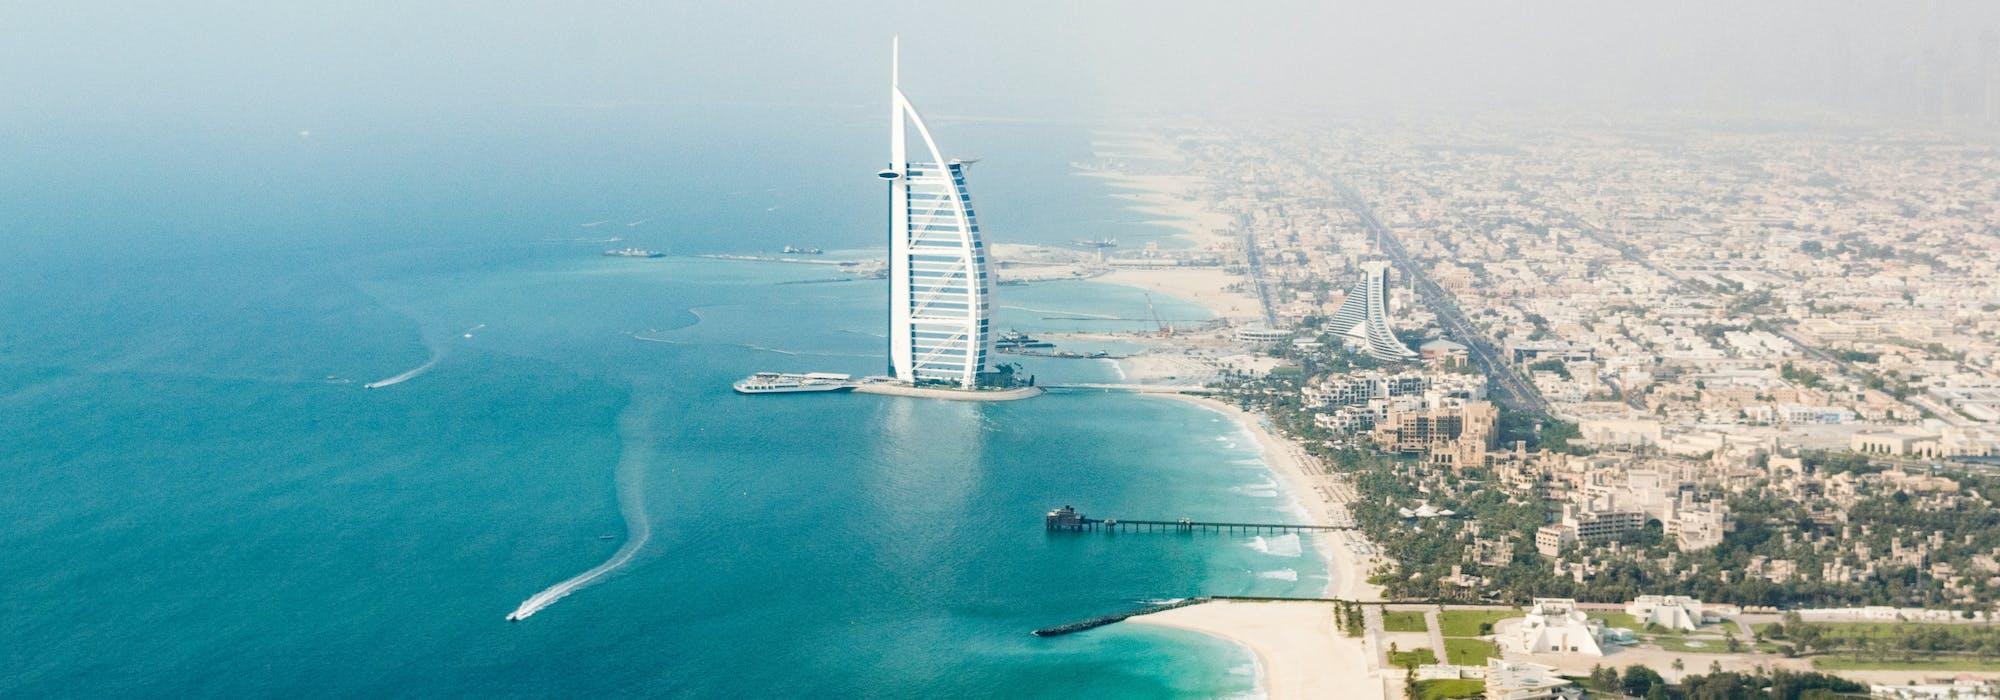 Överblicks bild över Dubais hamn med byggnader stränder och klarblått vatten.